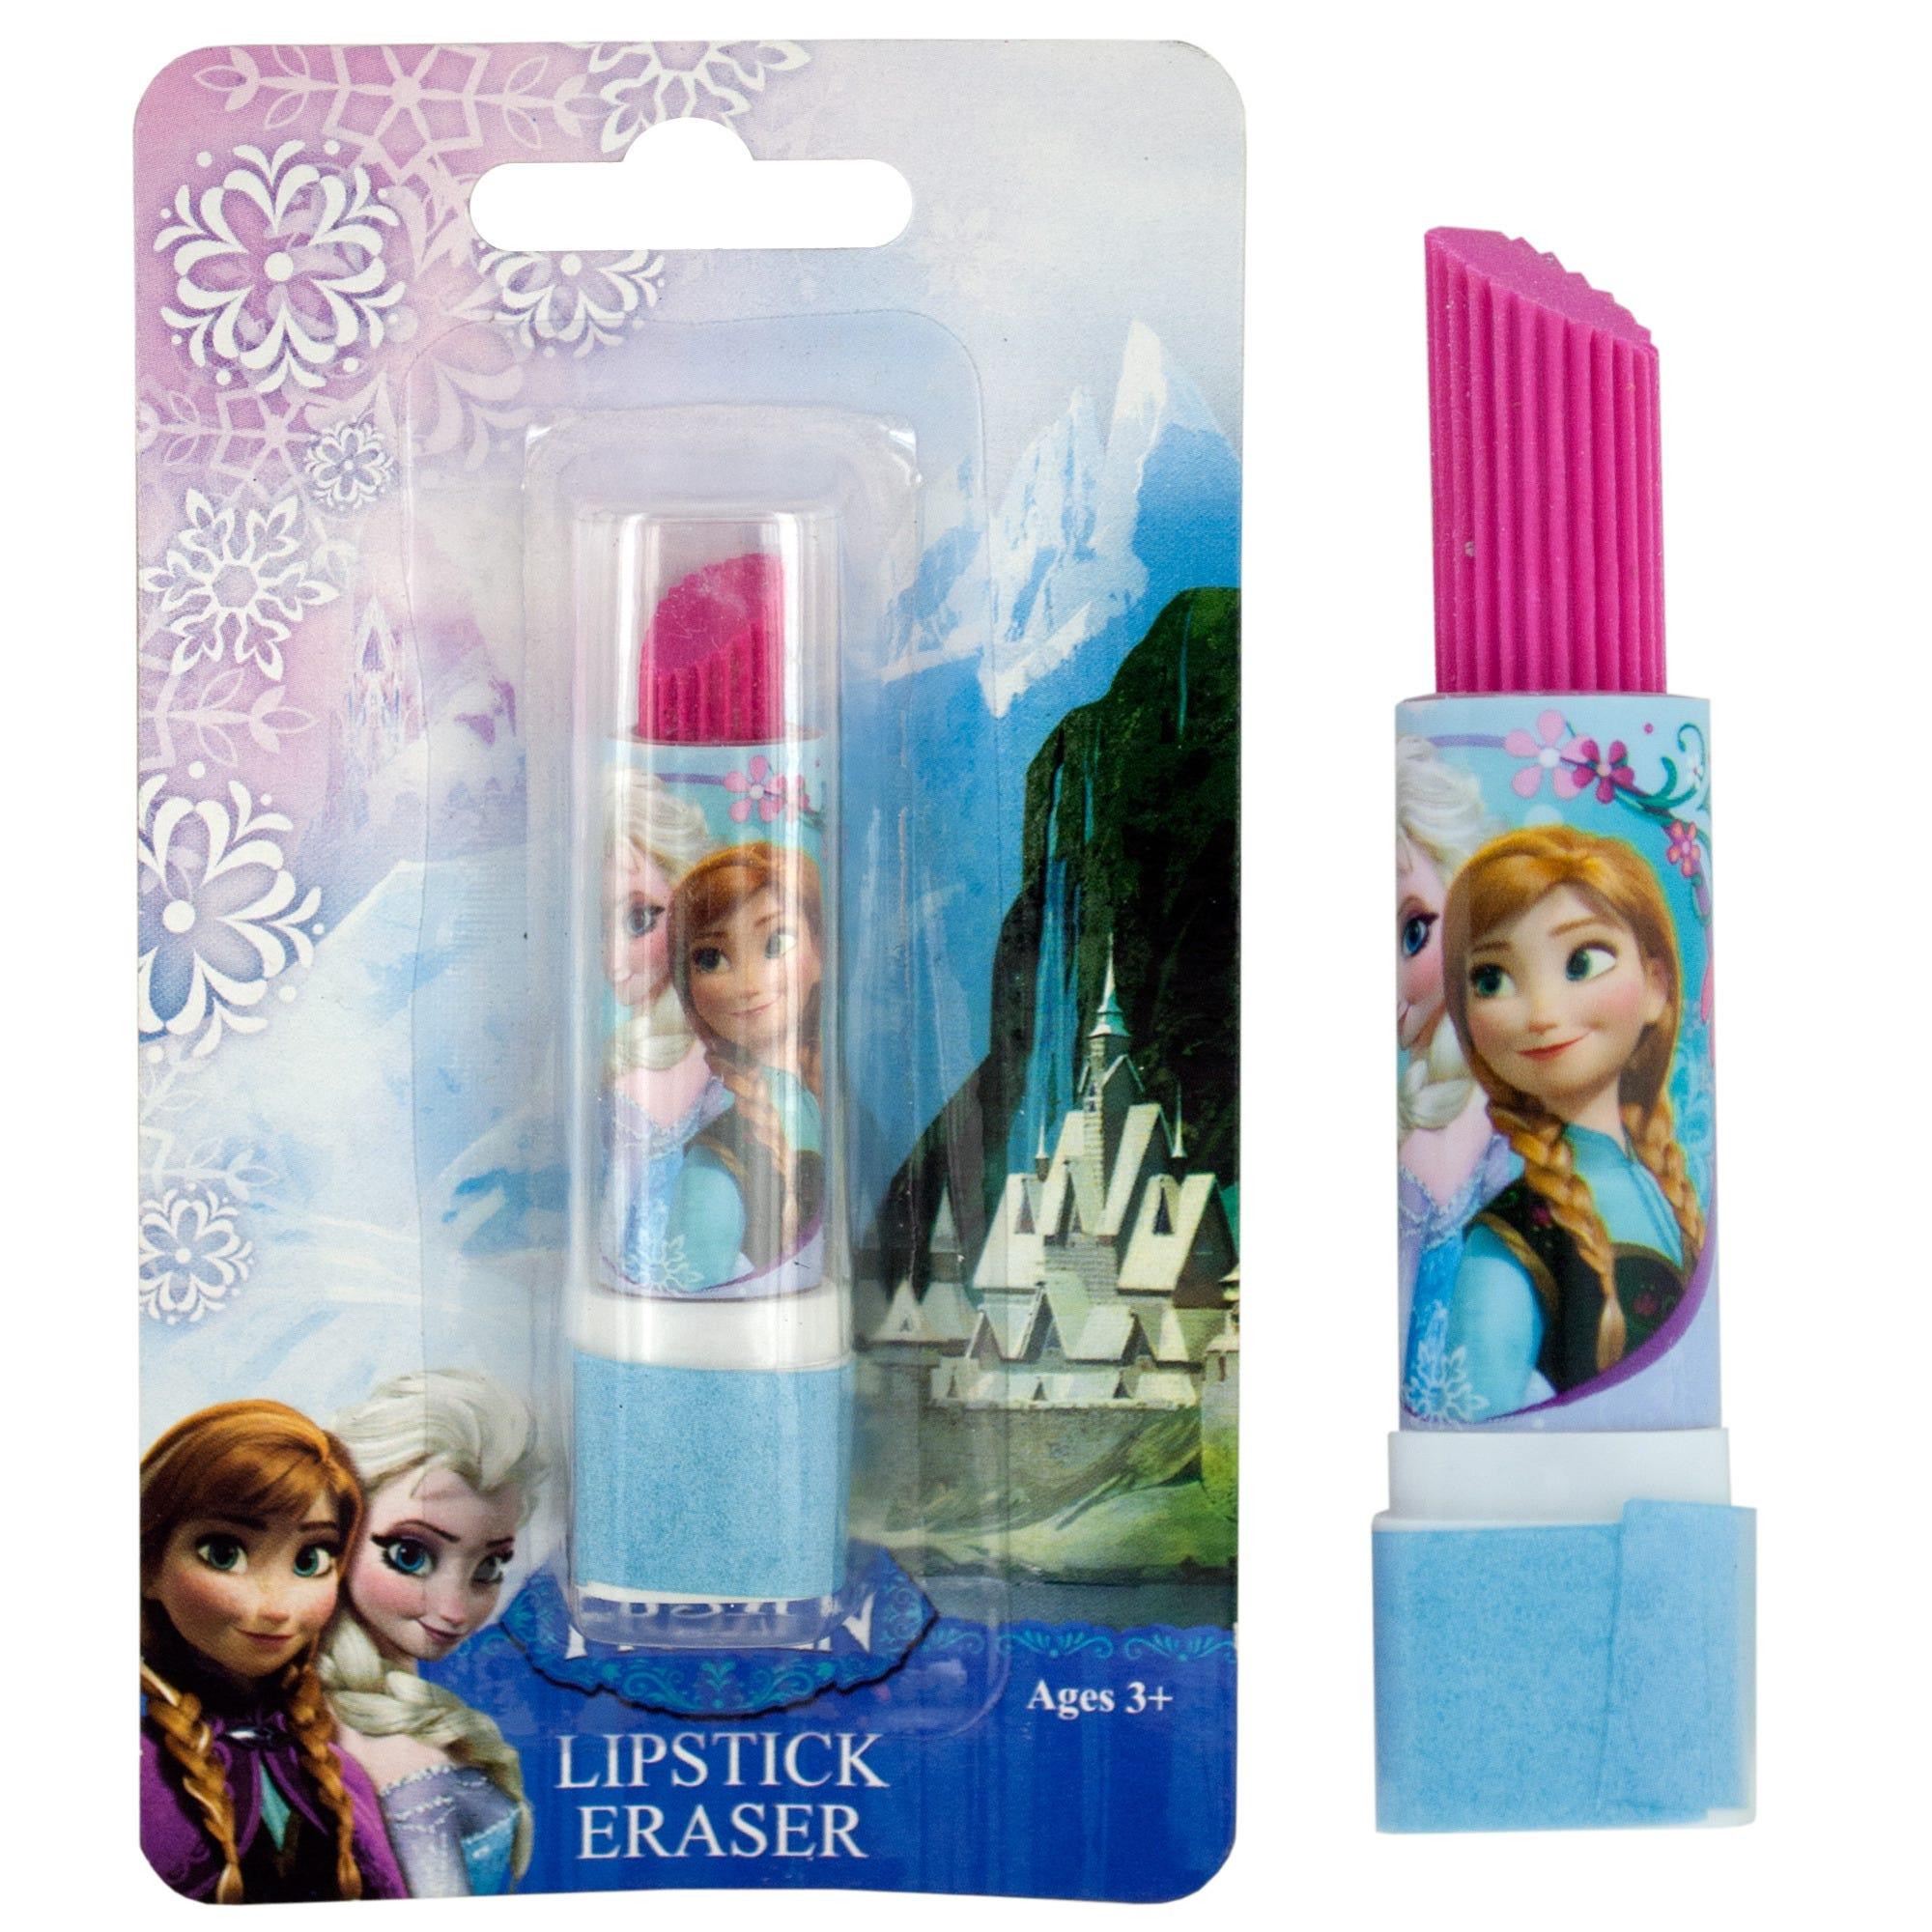 LICENSED Lipstick Eraser- Qty 24